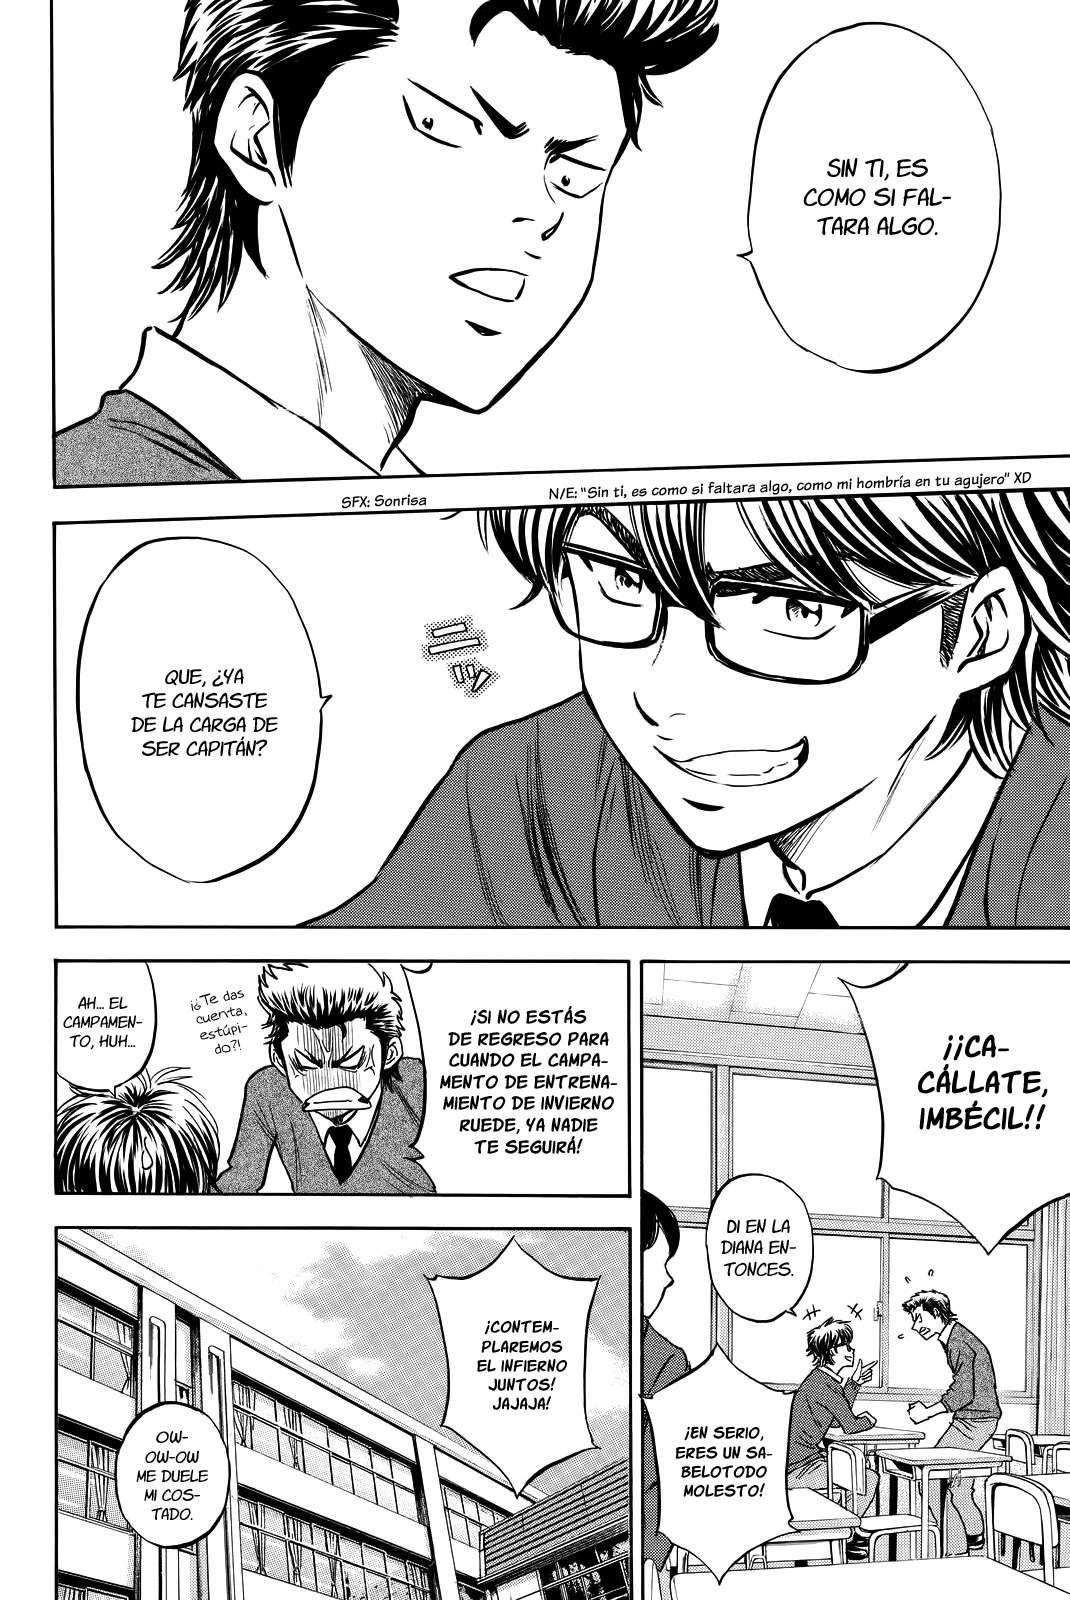 http://c5.ninemanga.com/es_manga/24/1752/430810/517e2c5c9879114a0674381ce2608faa.jpg Page 26